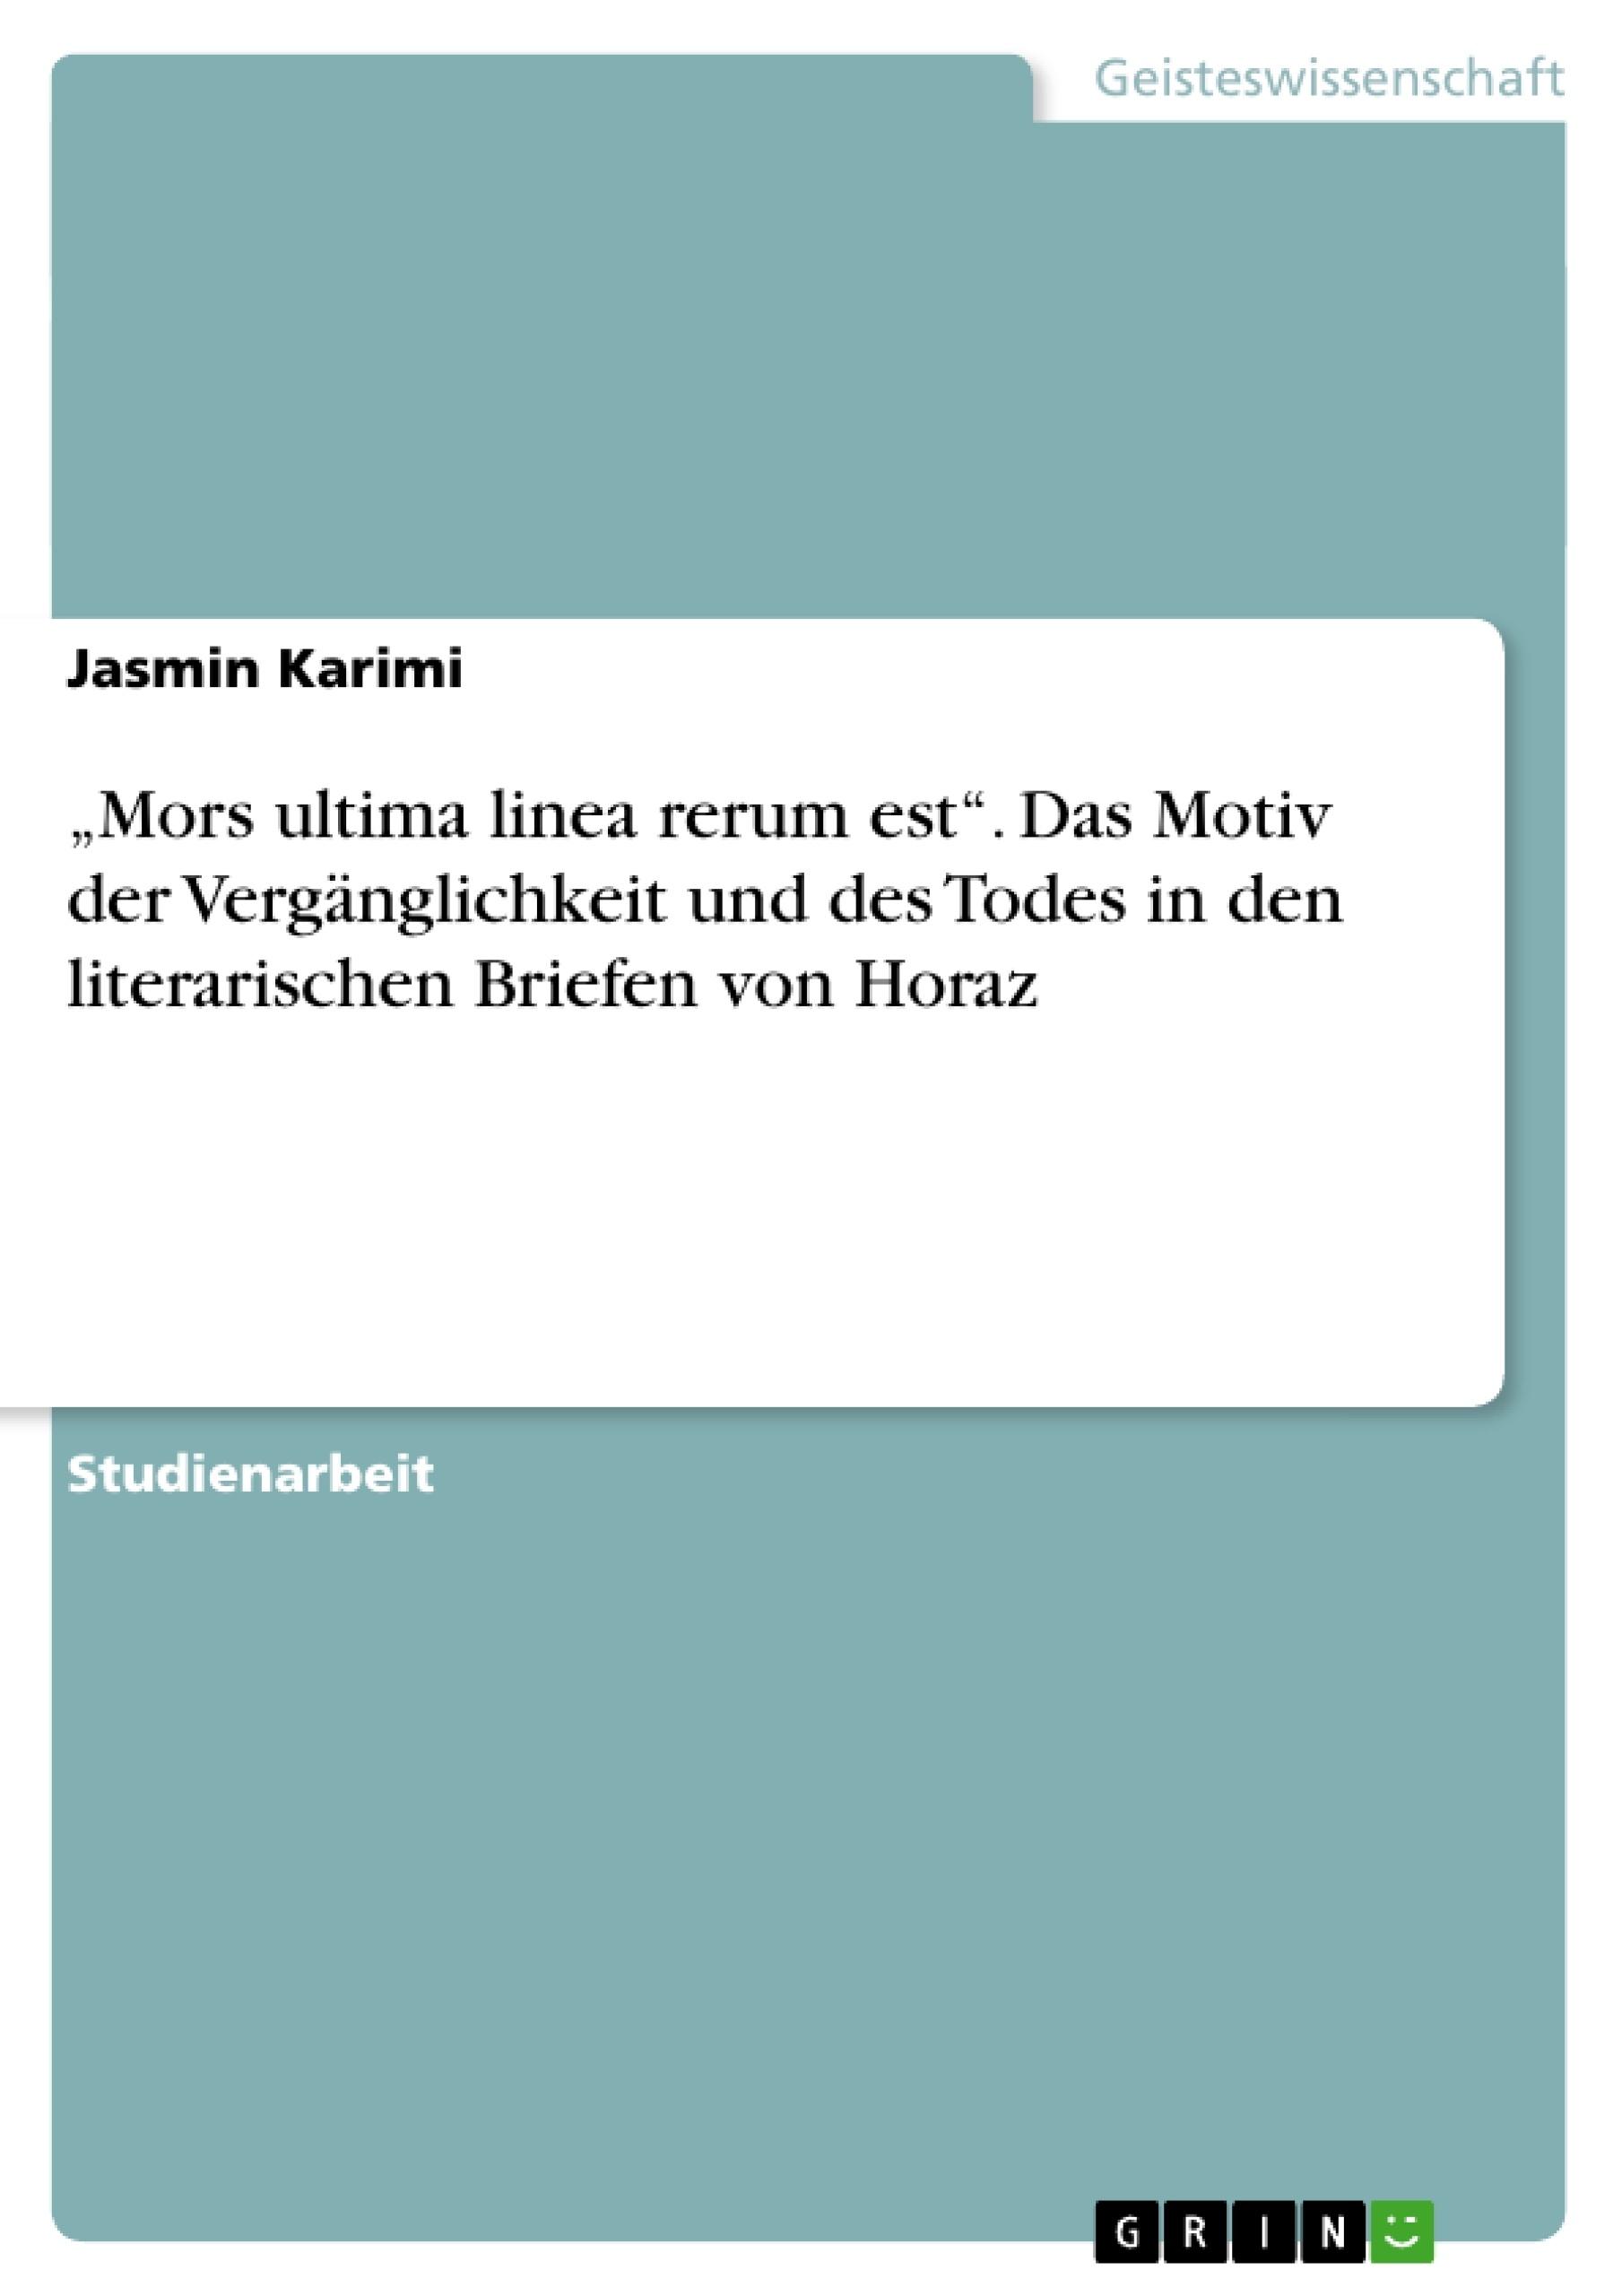 """Titel: """"Mors ultima linea rerum est"""". Das Motiv der Vergänglichkeit und des Todes in den literarischen Briefen von Horaz"""